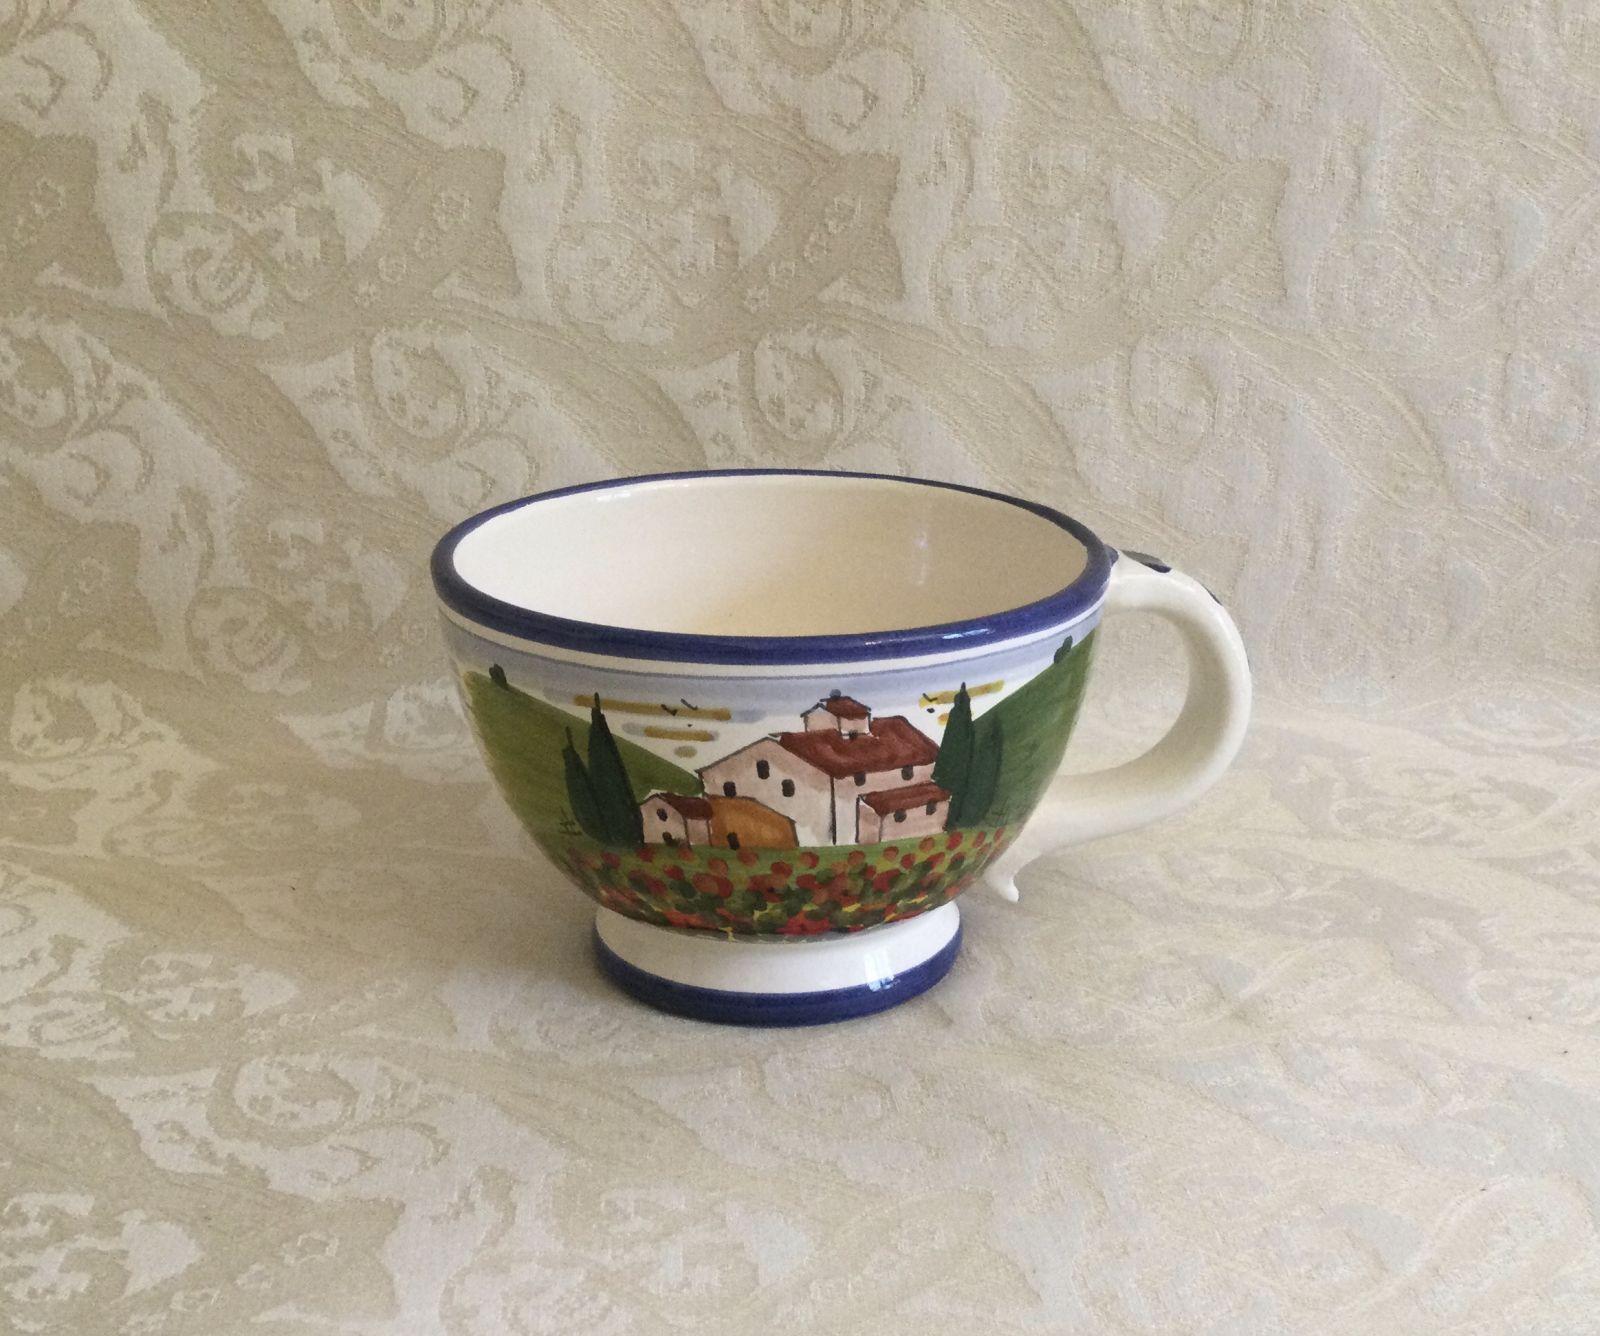 Tazza da colazione cm 15x11xh7,5 con paesaggio toscano con papaveri